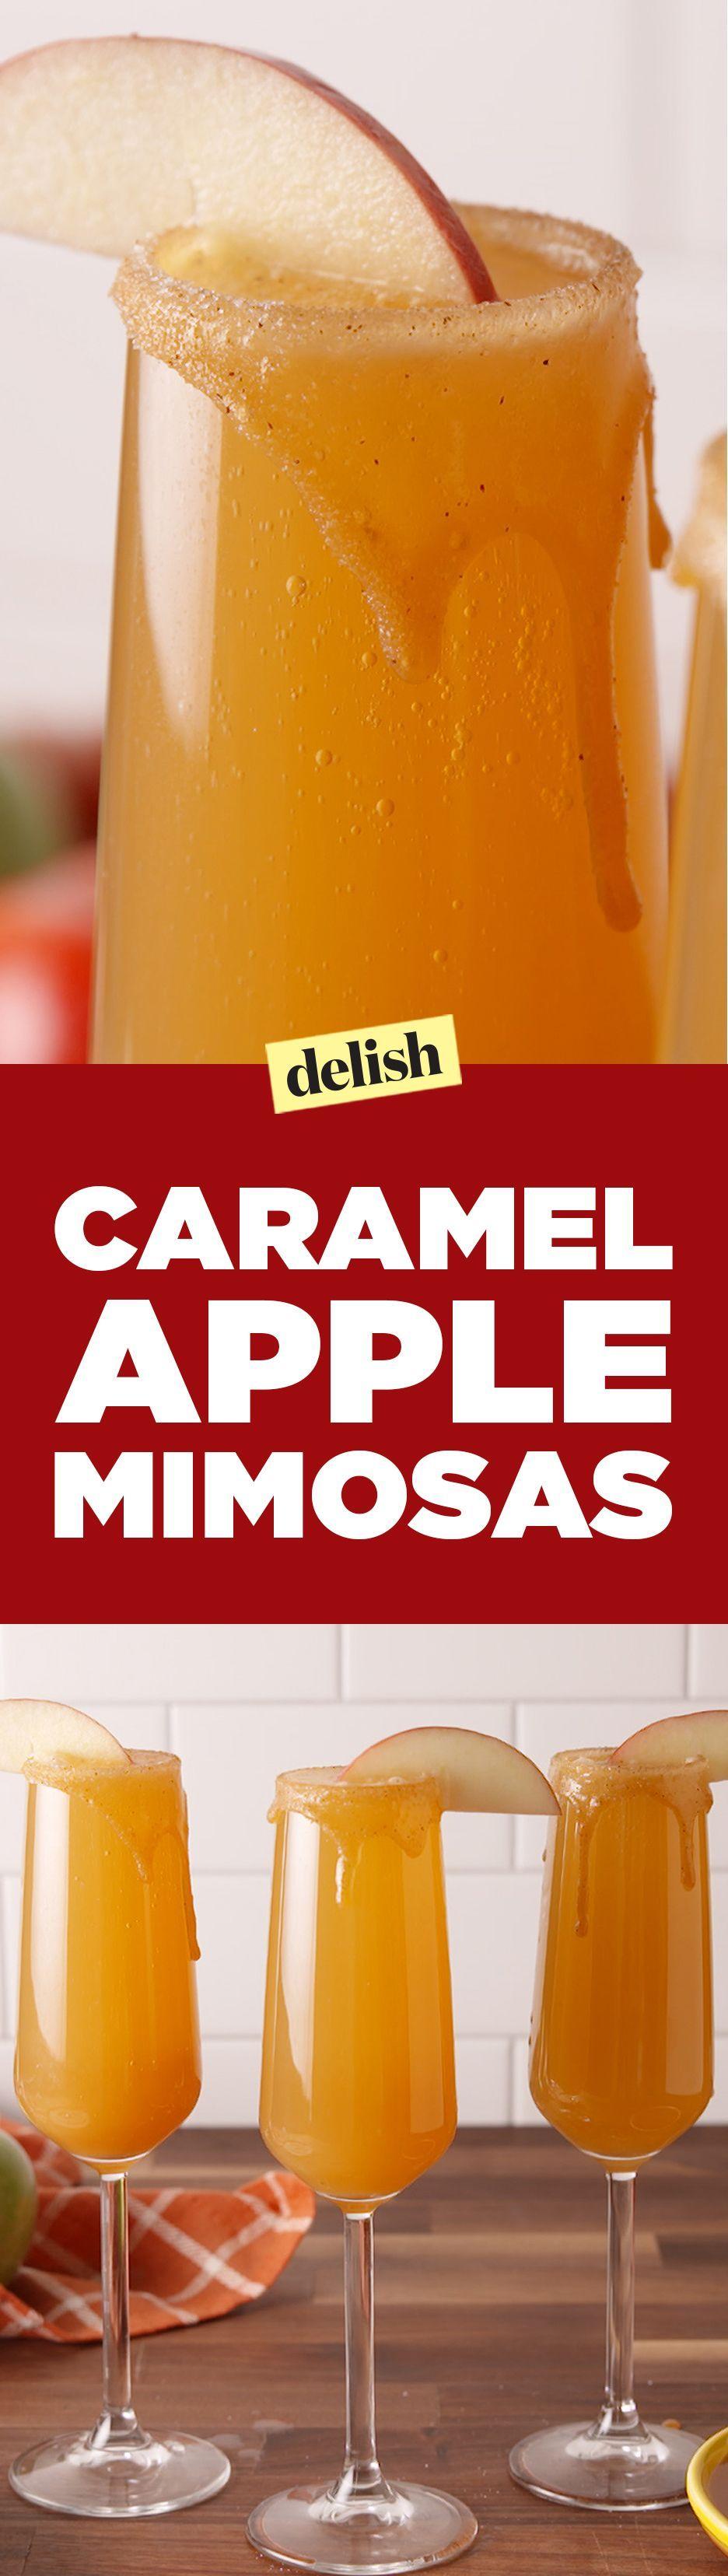 Caramel Apple Mimosas #boissonsfraîches